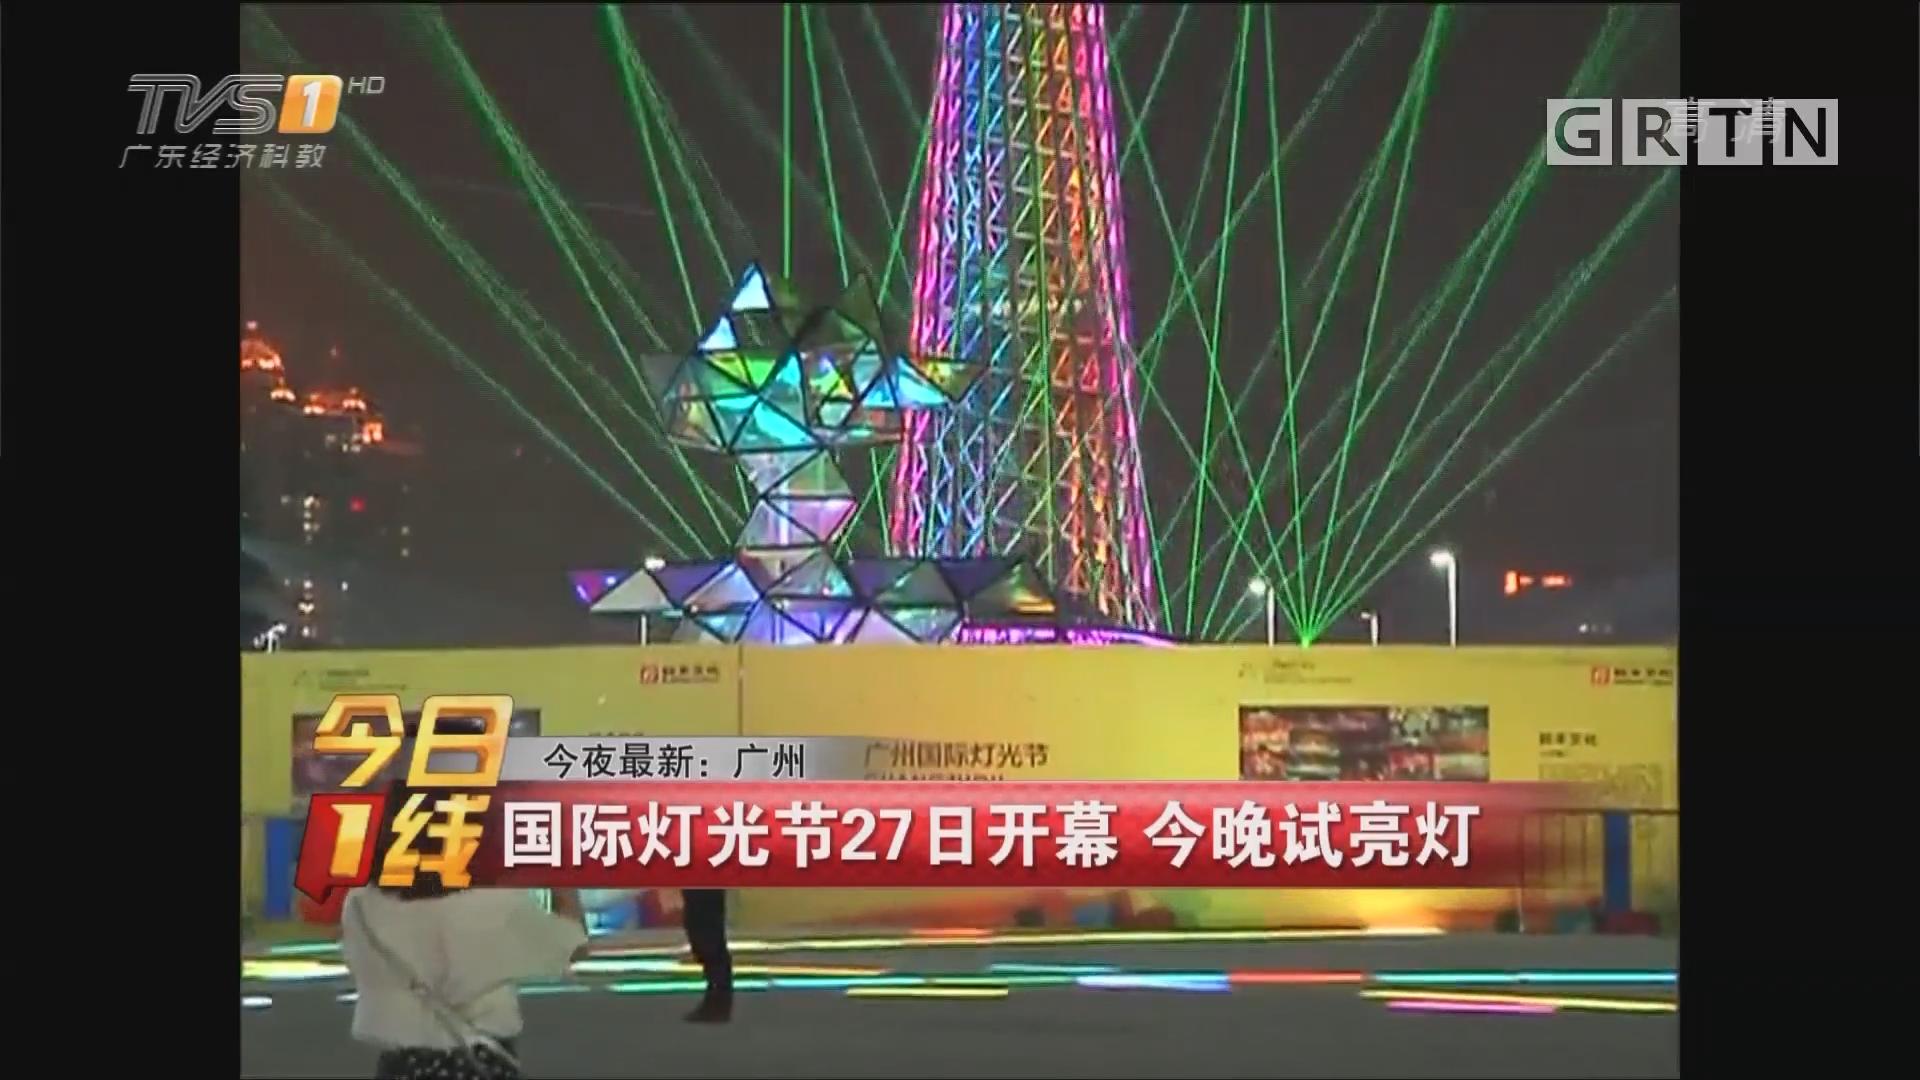 今夜最新:广州 国际灯光节27日开幕 今晚试亮灯